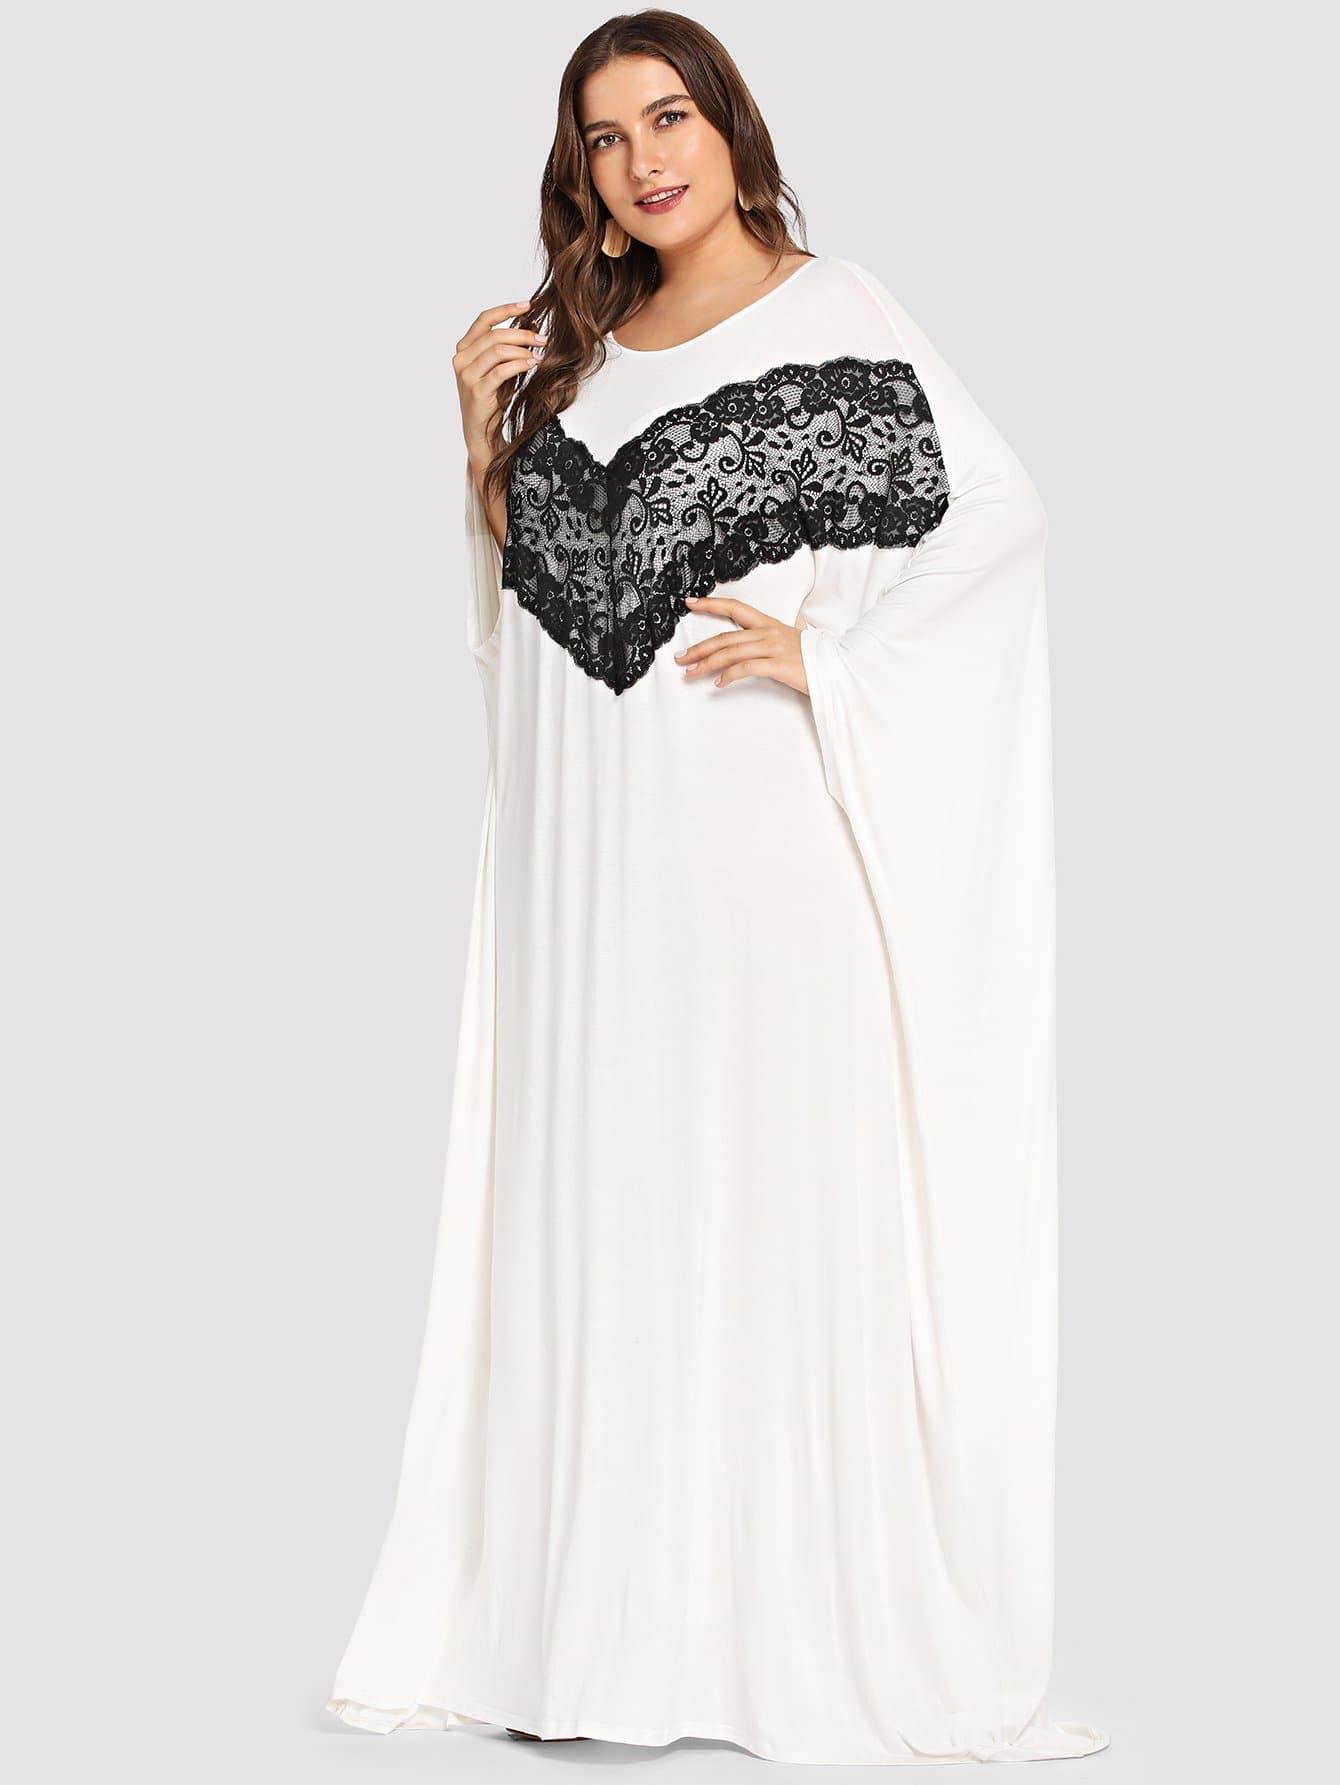 Купить Платье для аксессуаров с двумя тонами, Franziska, SheIn